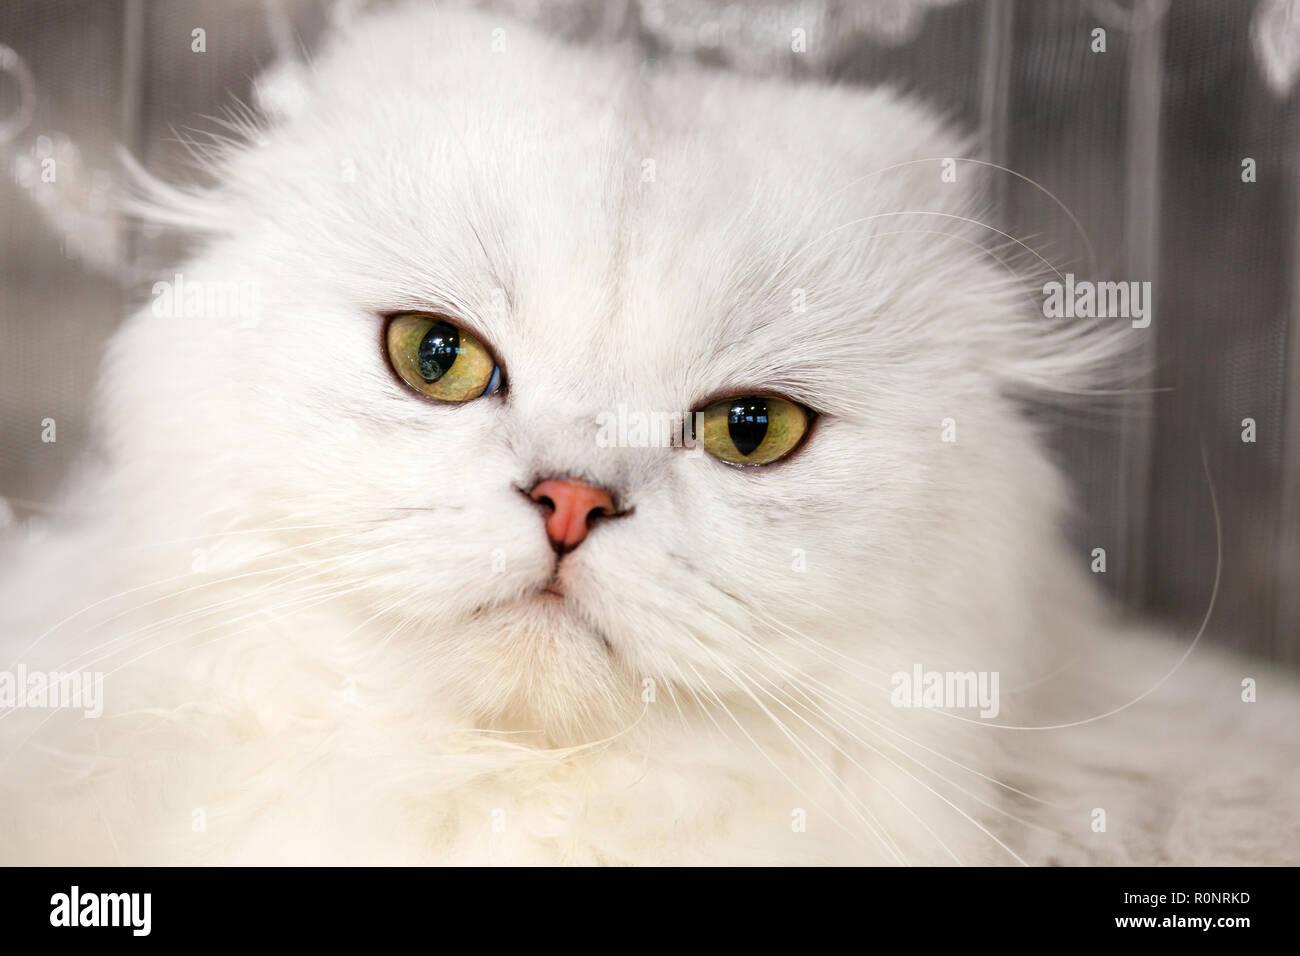 Retrato de un bosque de Noruega gato de color blanco. Imagen De Stock